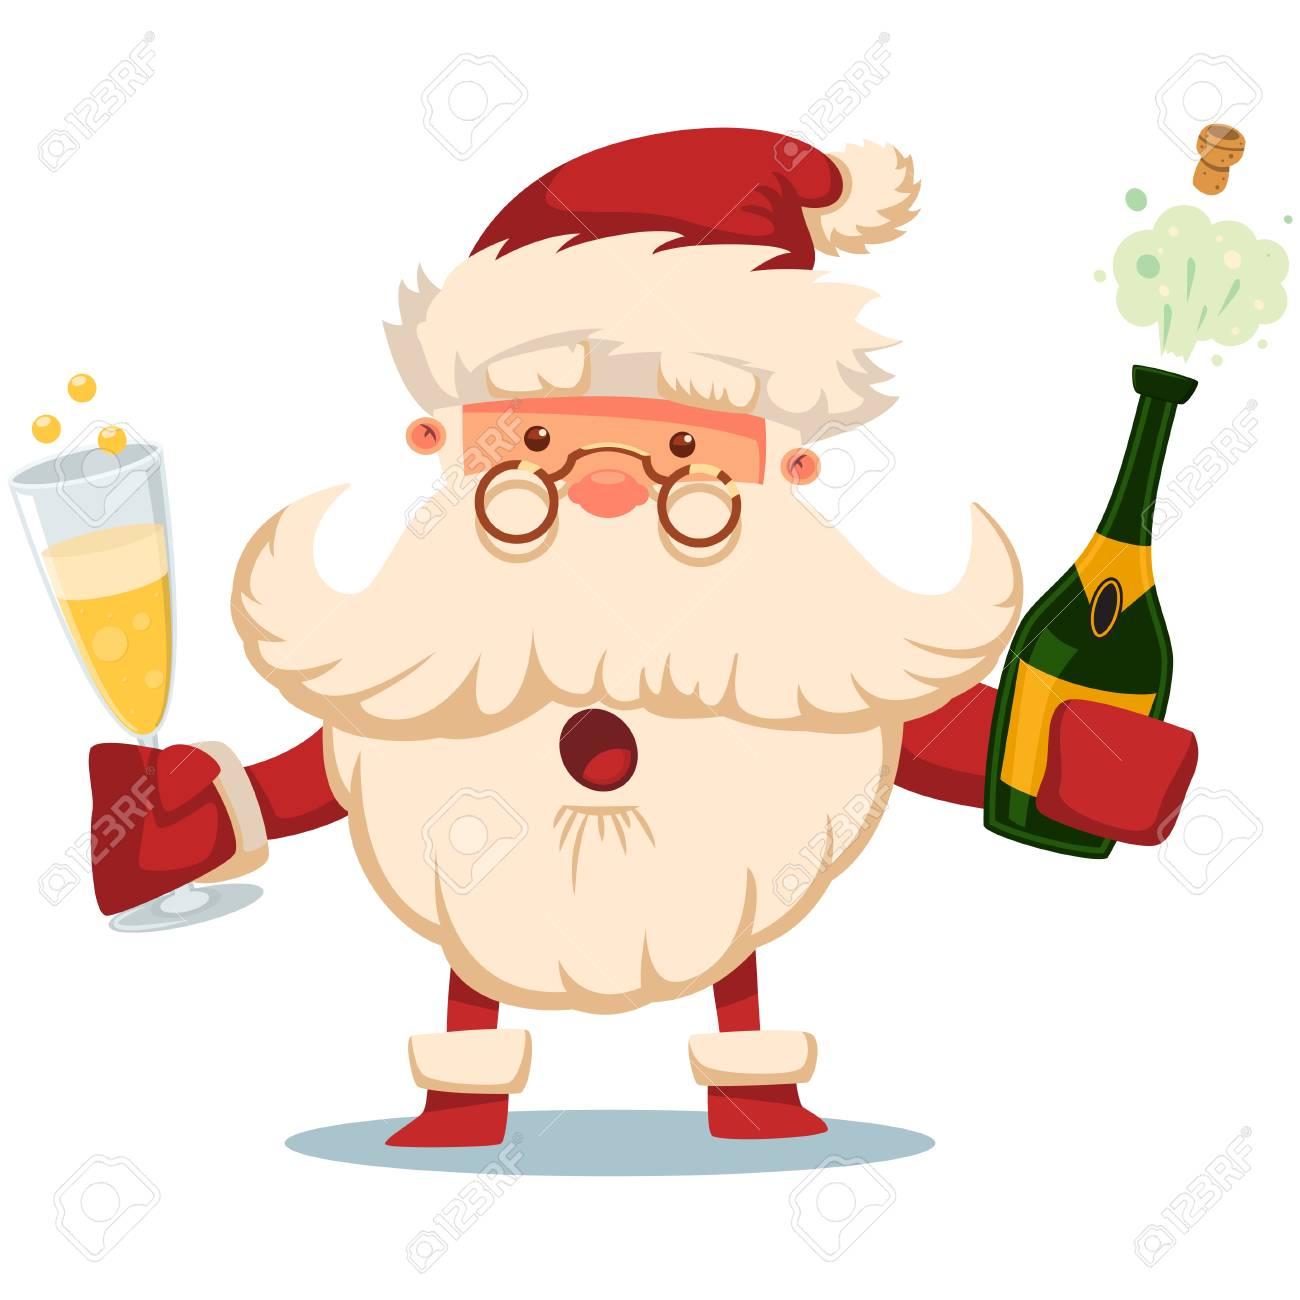 Mignon Père Noël Avec Explosion De Bouteille De Champagne Et Verre Illustration De Dessin Animé De Noël Vector Isolée Sur Fond Blanc